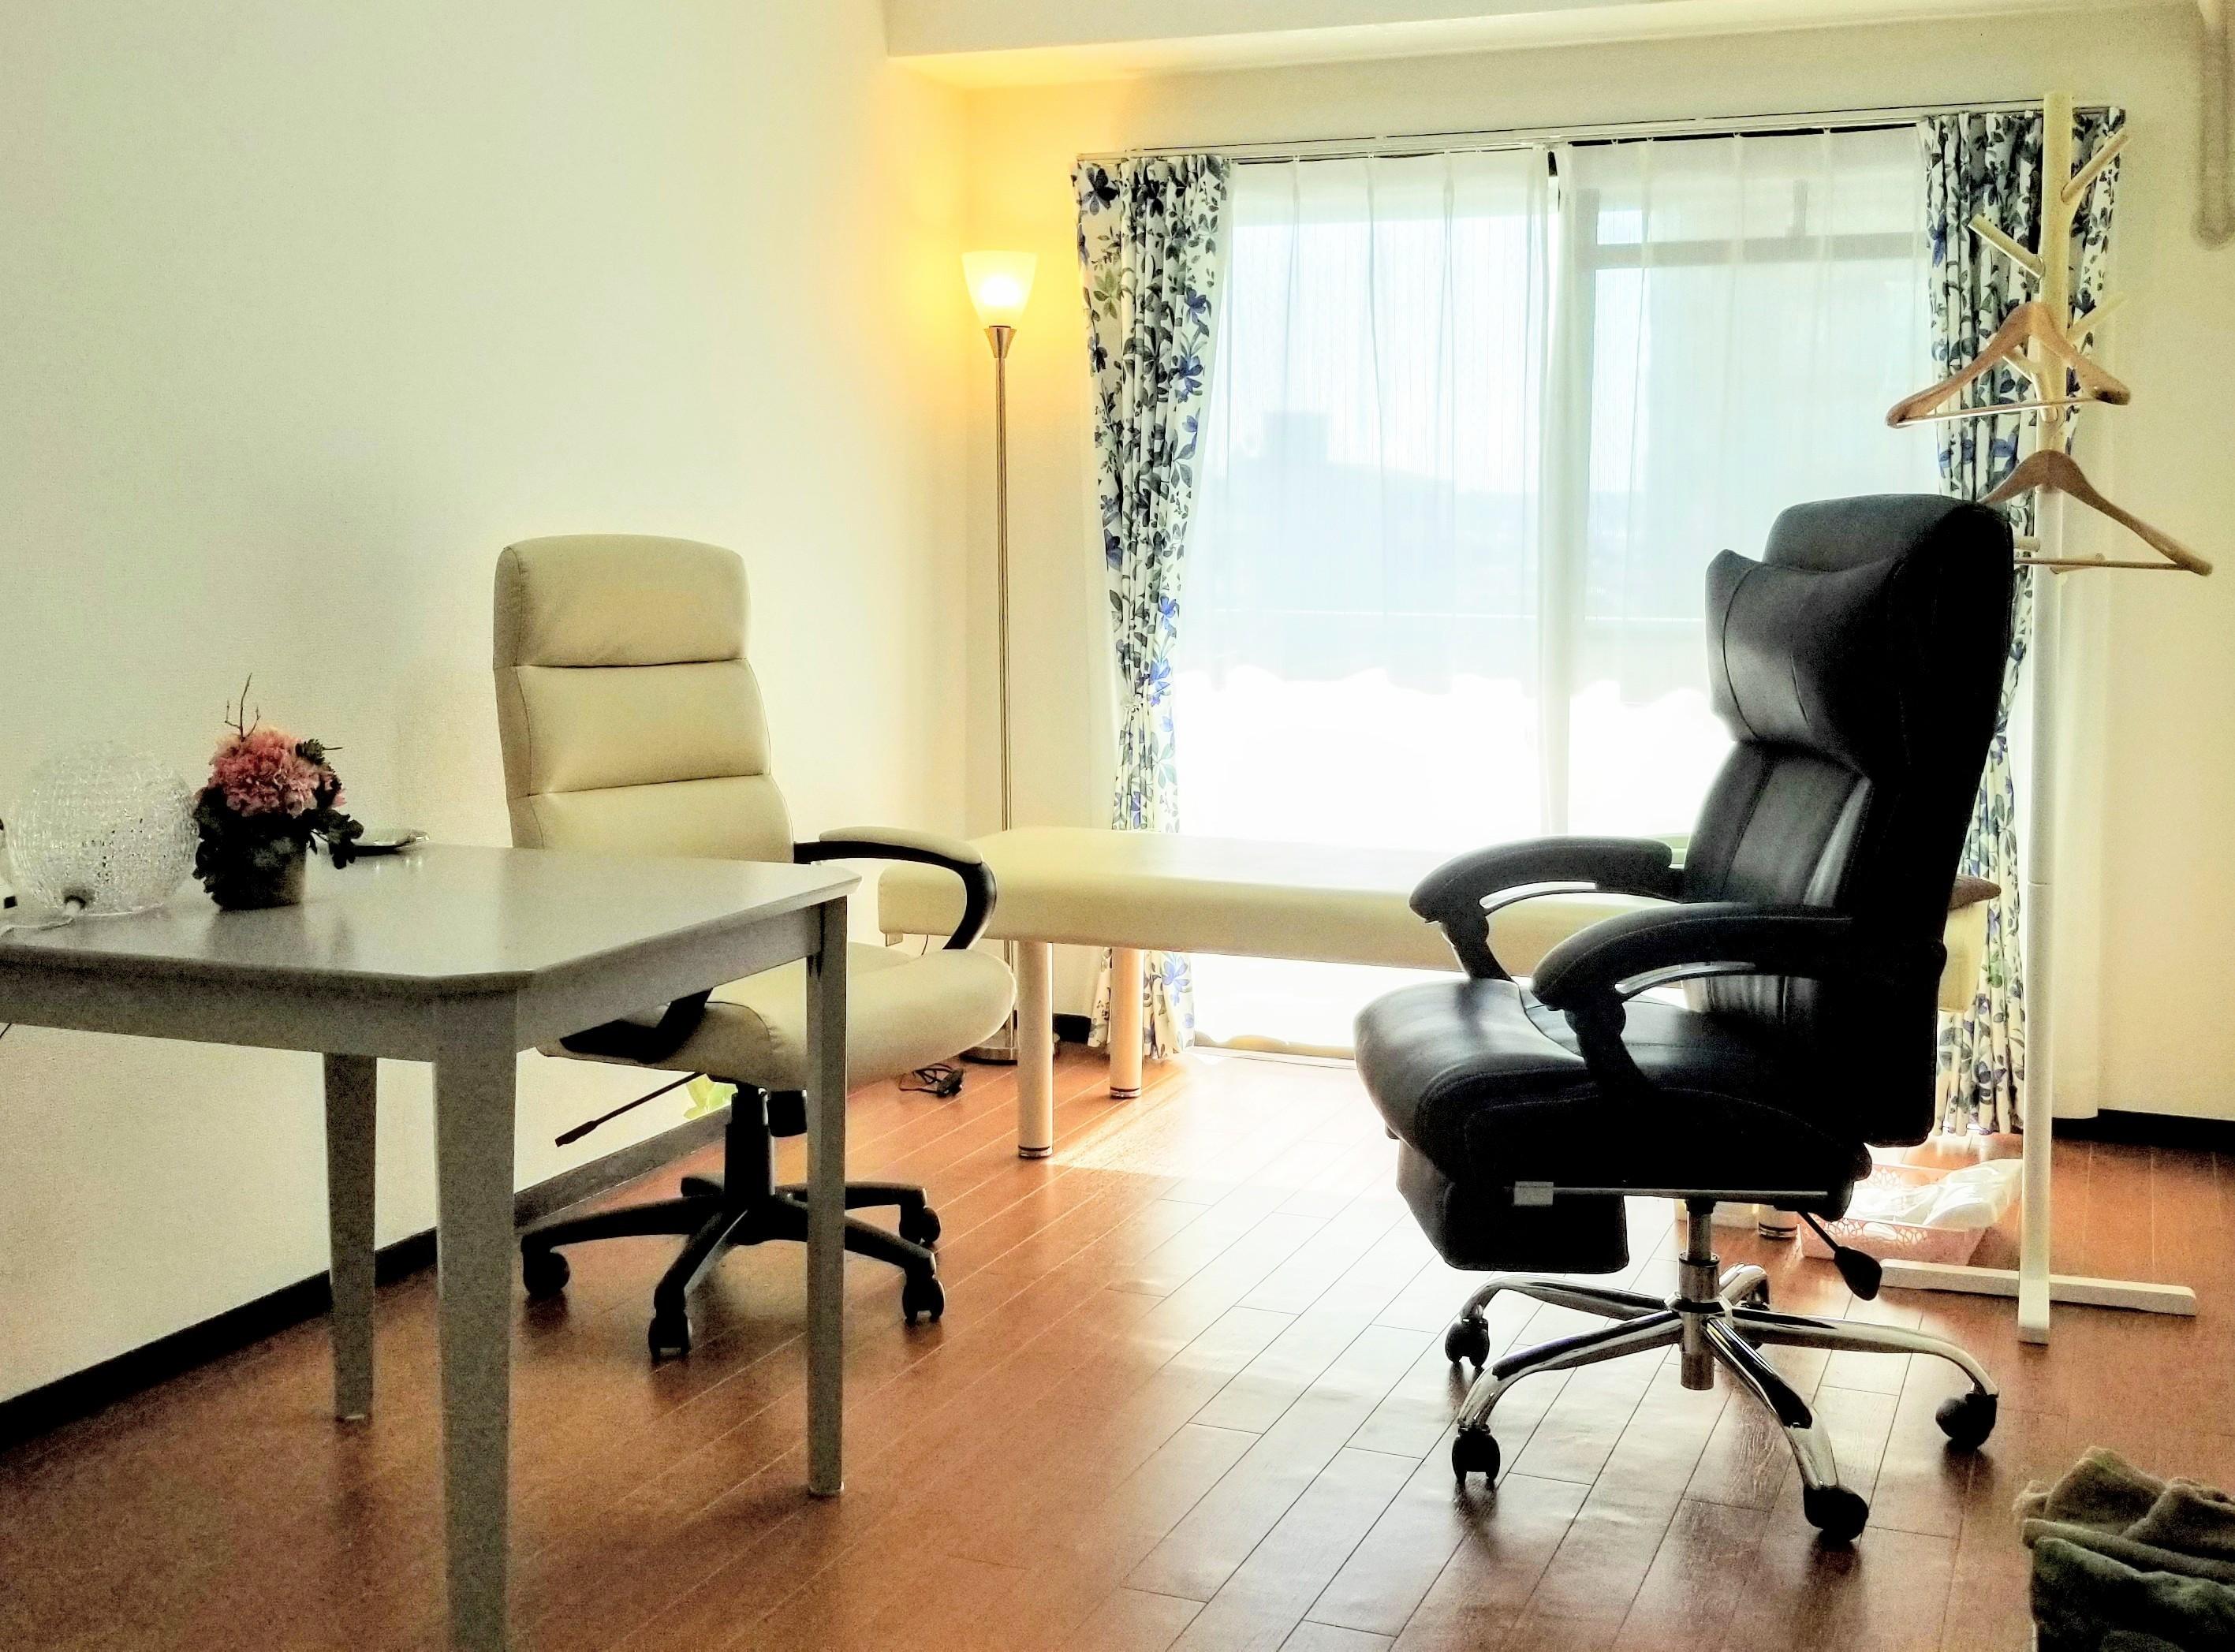 レンタルサロンKNOEH. レンタルサロンの室内の写真